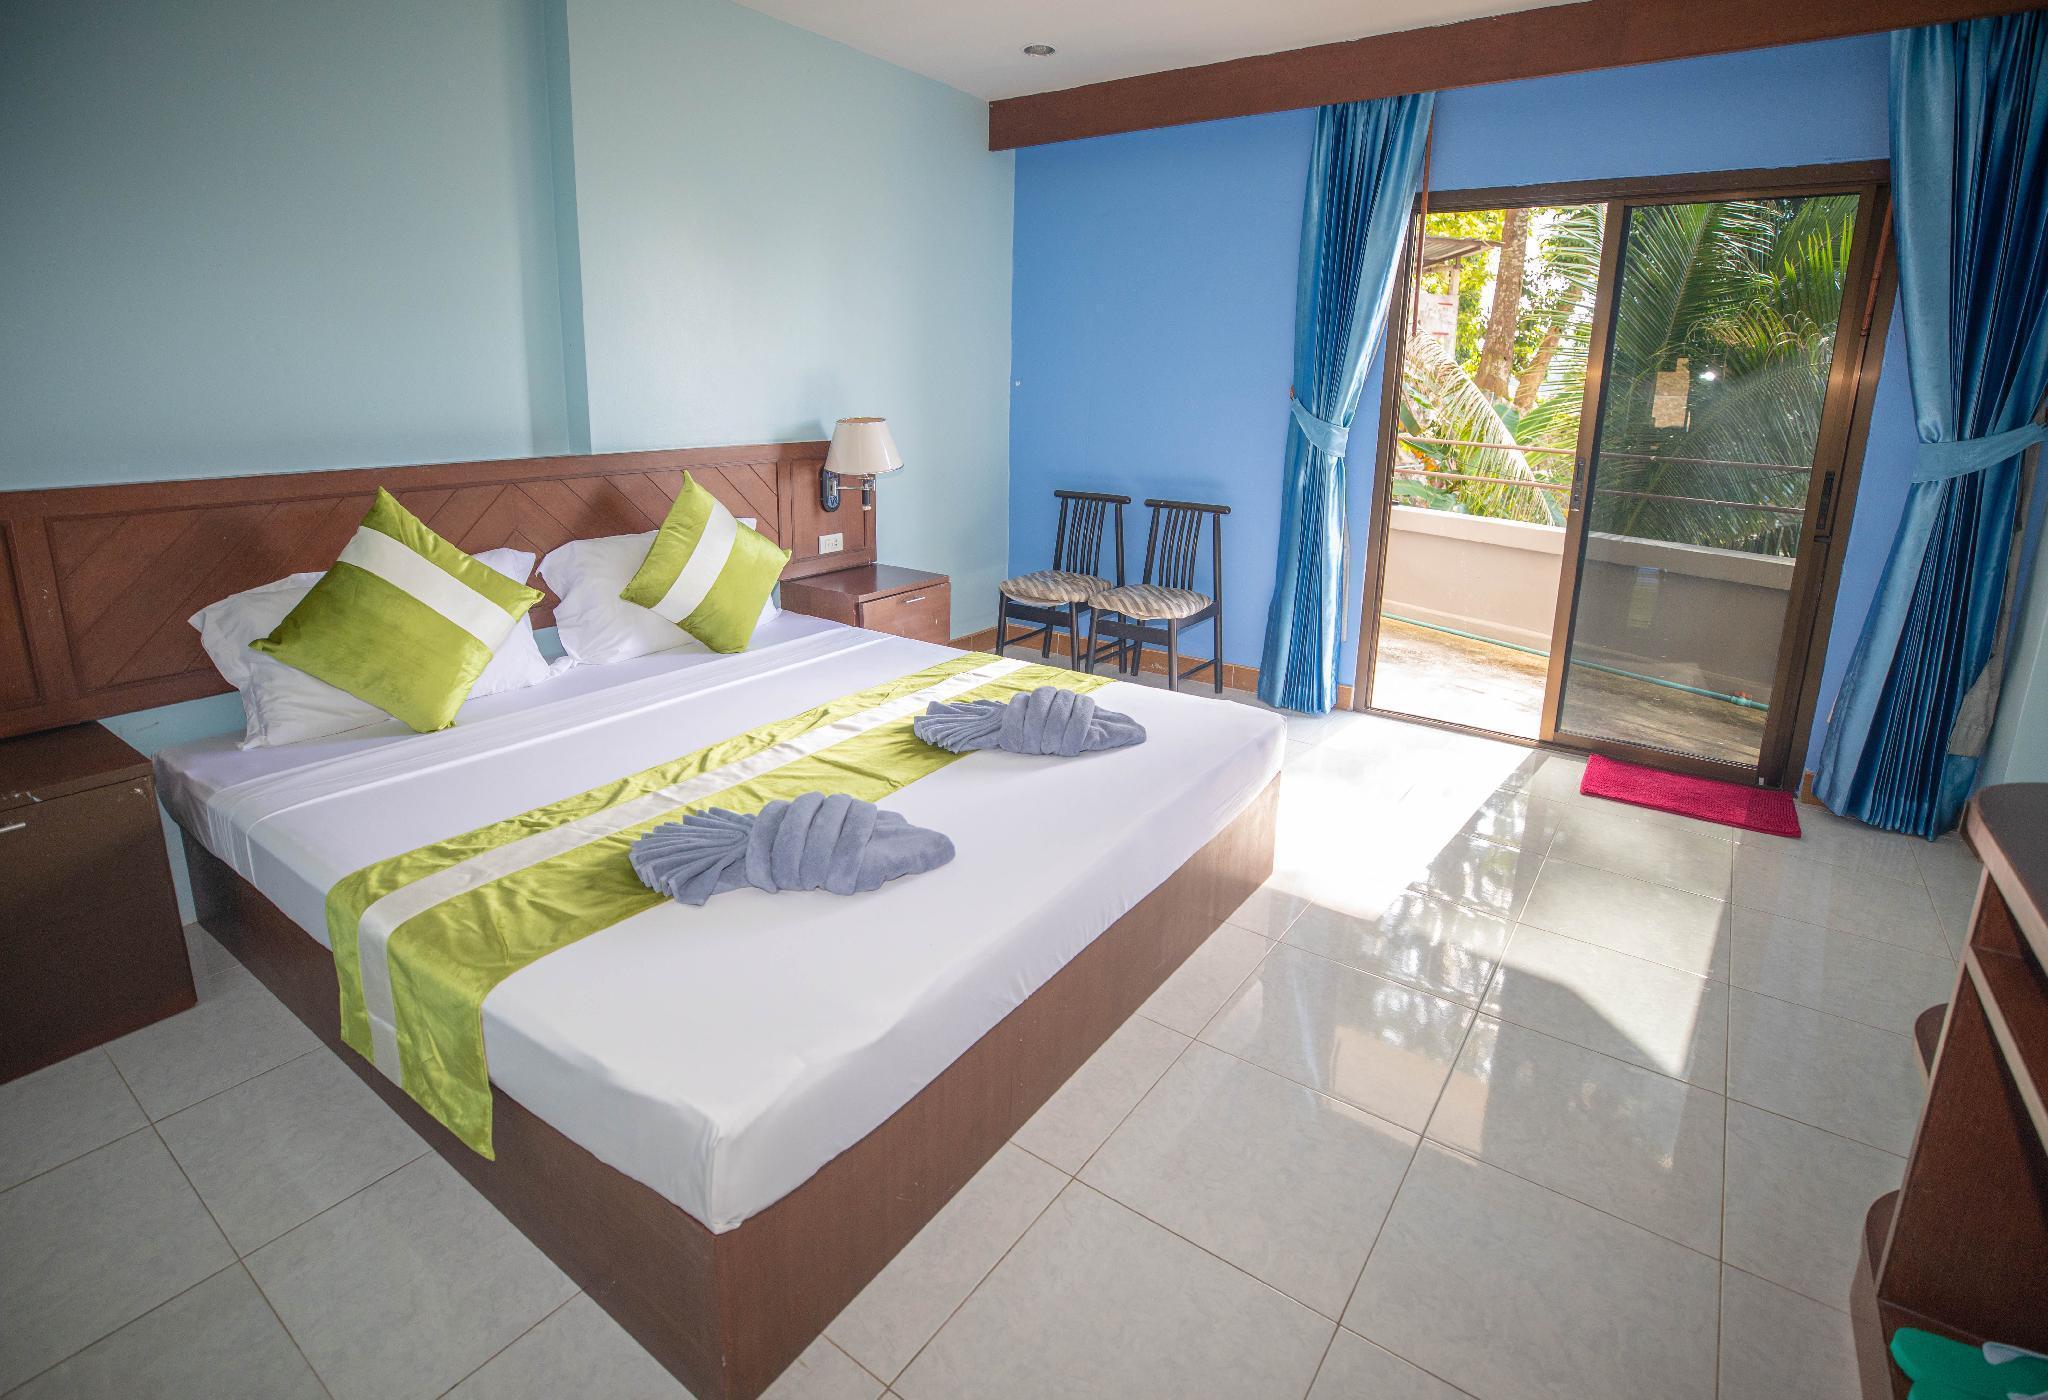 DS Hotel Double Room + Double Balcony view 87 วิลลา 1 ห้องนอน 1 ห้องน้ำส่วนตัว ขนาด 36 ตร.ม. – ป่าตอง